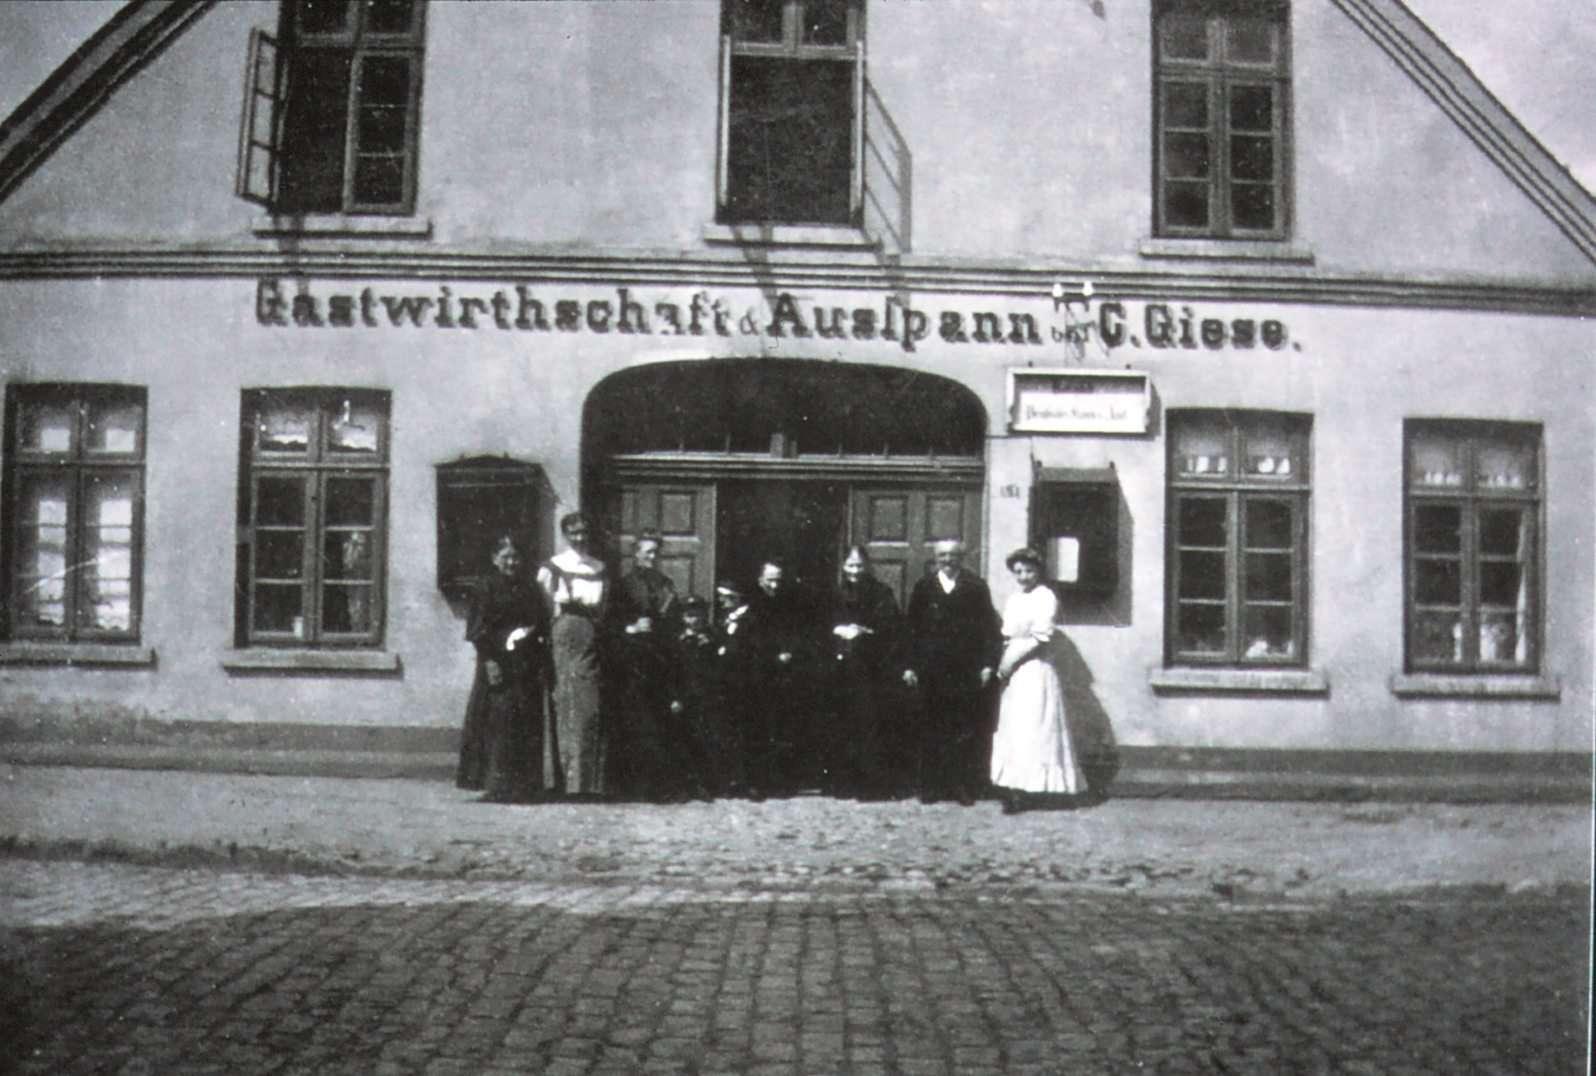 Das Gasthaus Giese in alten Zeiten. Die beiden Schaukästen am Eingang zeigen nicht etwa die Preise für Bier und Korn. Hier befanden sich vielmehr die öffentlichen Bekanntmachungen der Gemeinde. Da es noch kein Rathaus gab, wurden sie am privaten Domizil des Bürgermeisters angebracht.